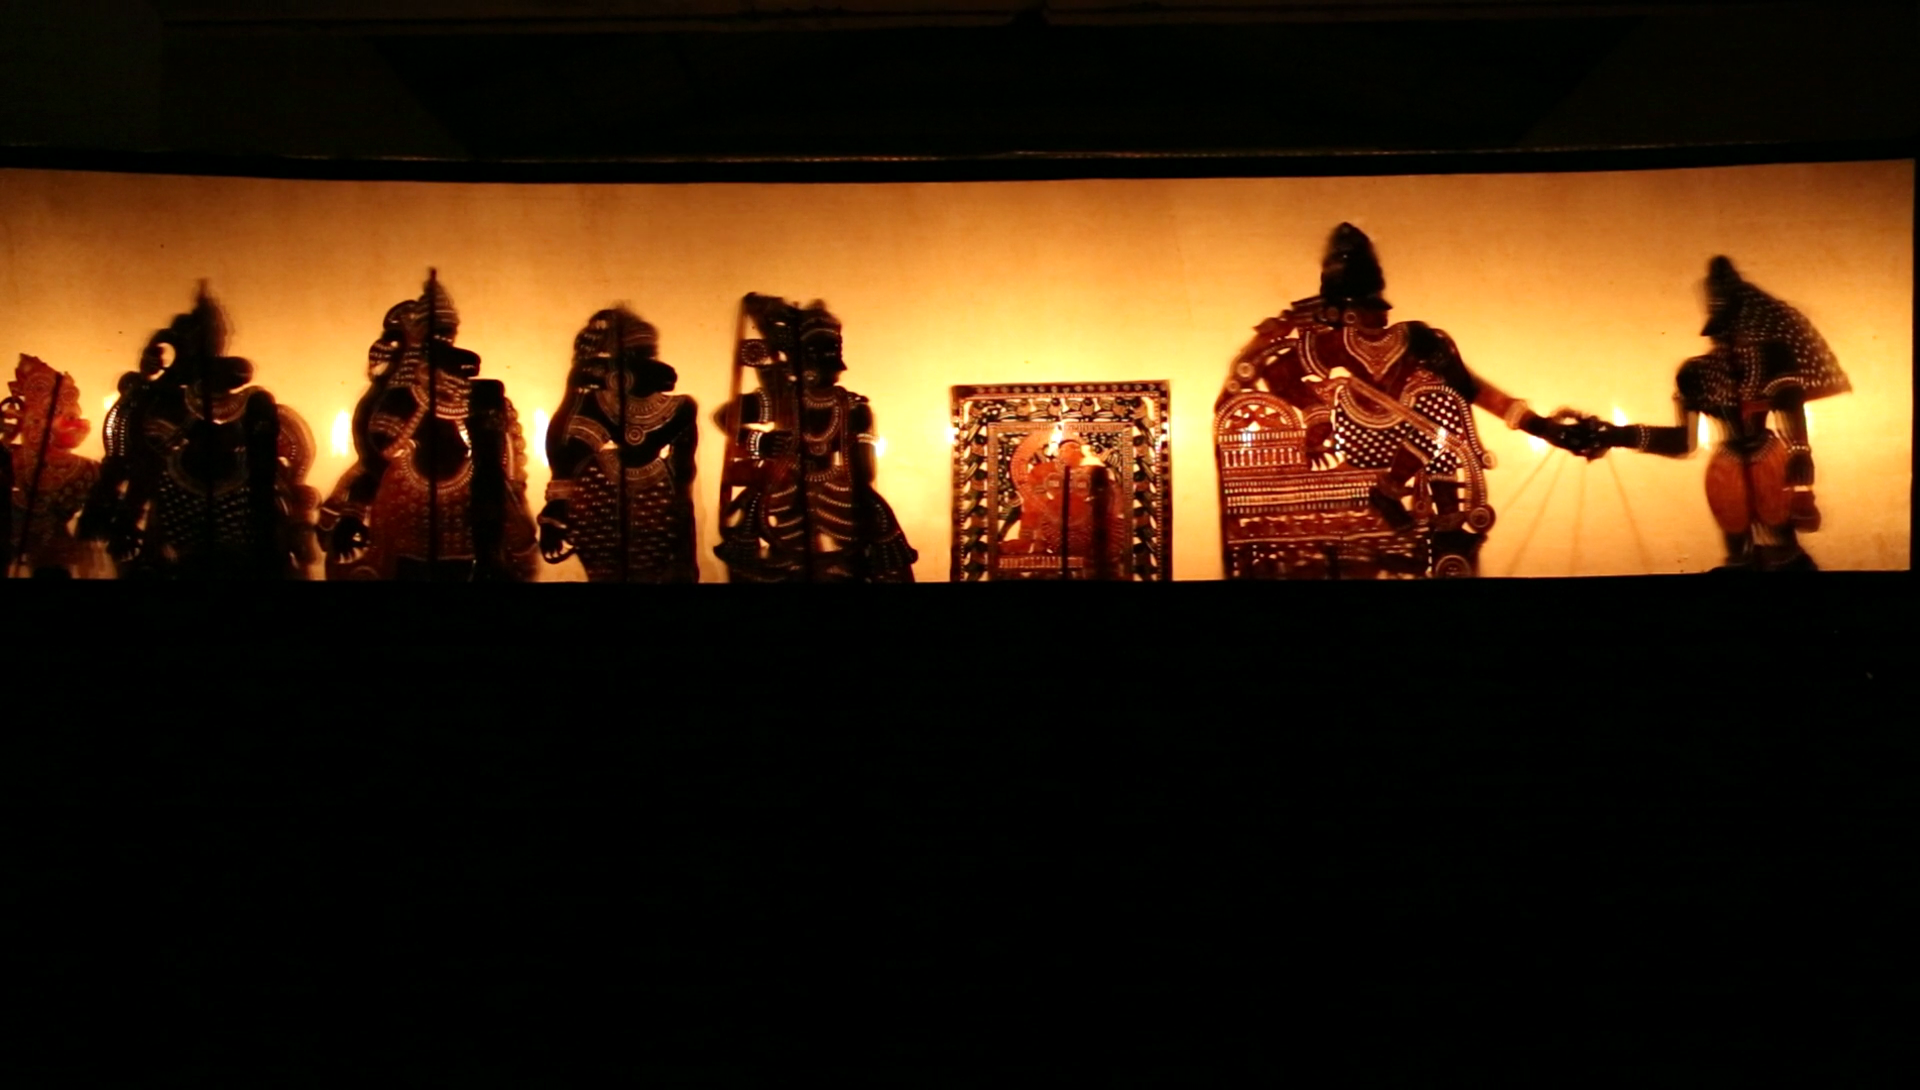 Rama, Sita, Lakshmana y los generales del mono, en una escena du <em>tolpava koothu</em> del Râmâyana, puesta en escena: Ramachandra Pulavar (Kerala, India). Fotografía cortesía de Atul Sinha